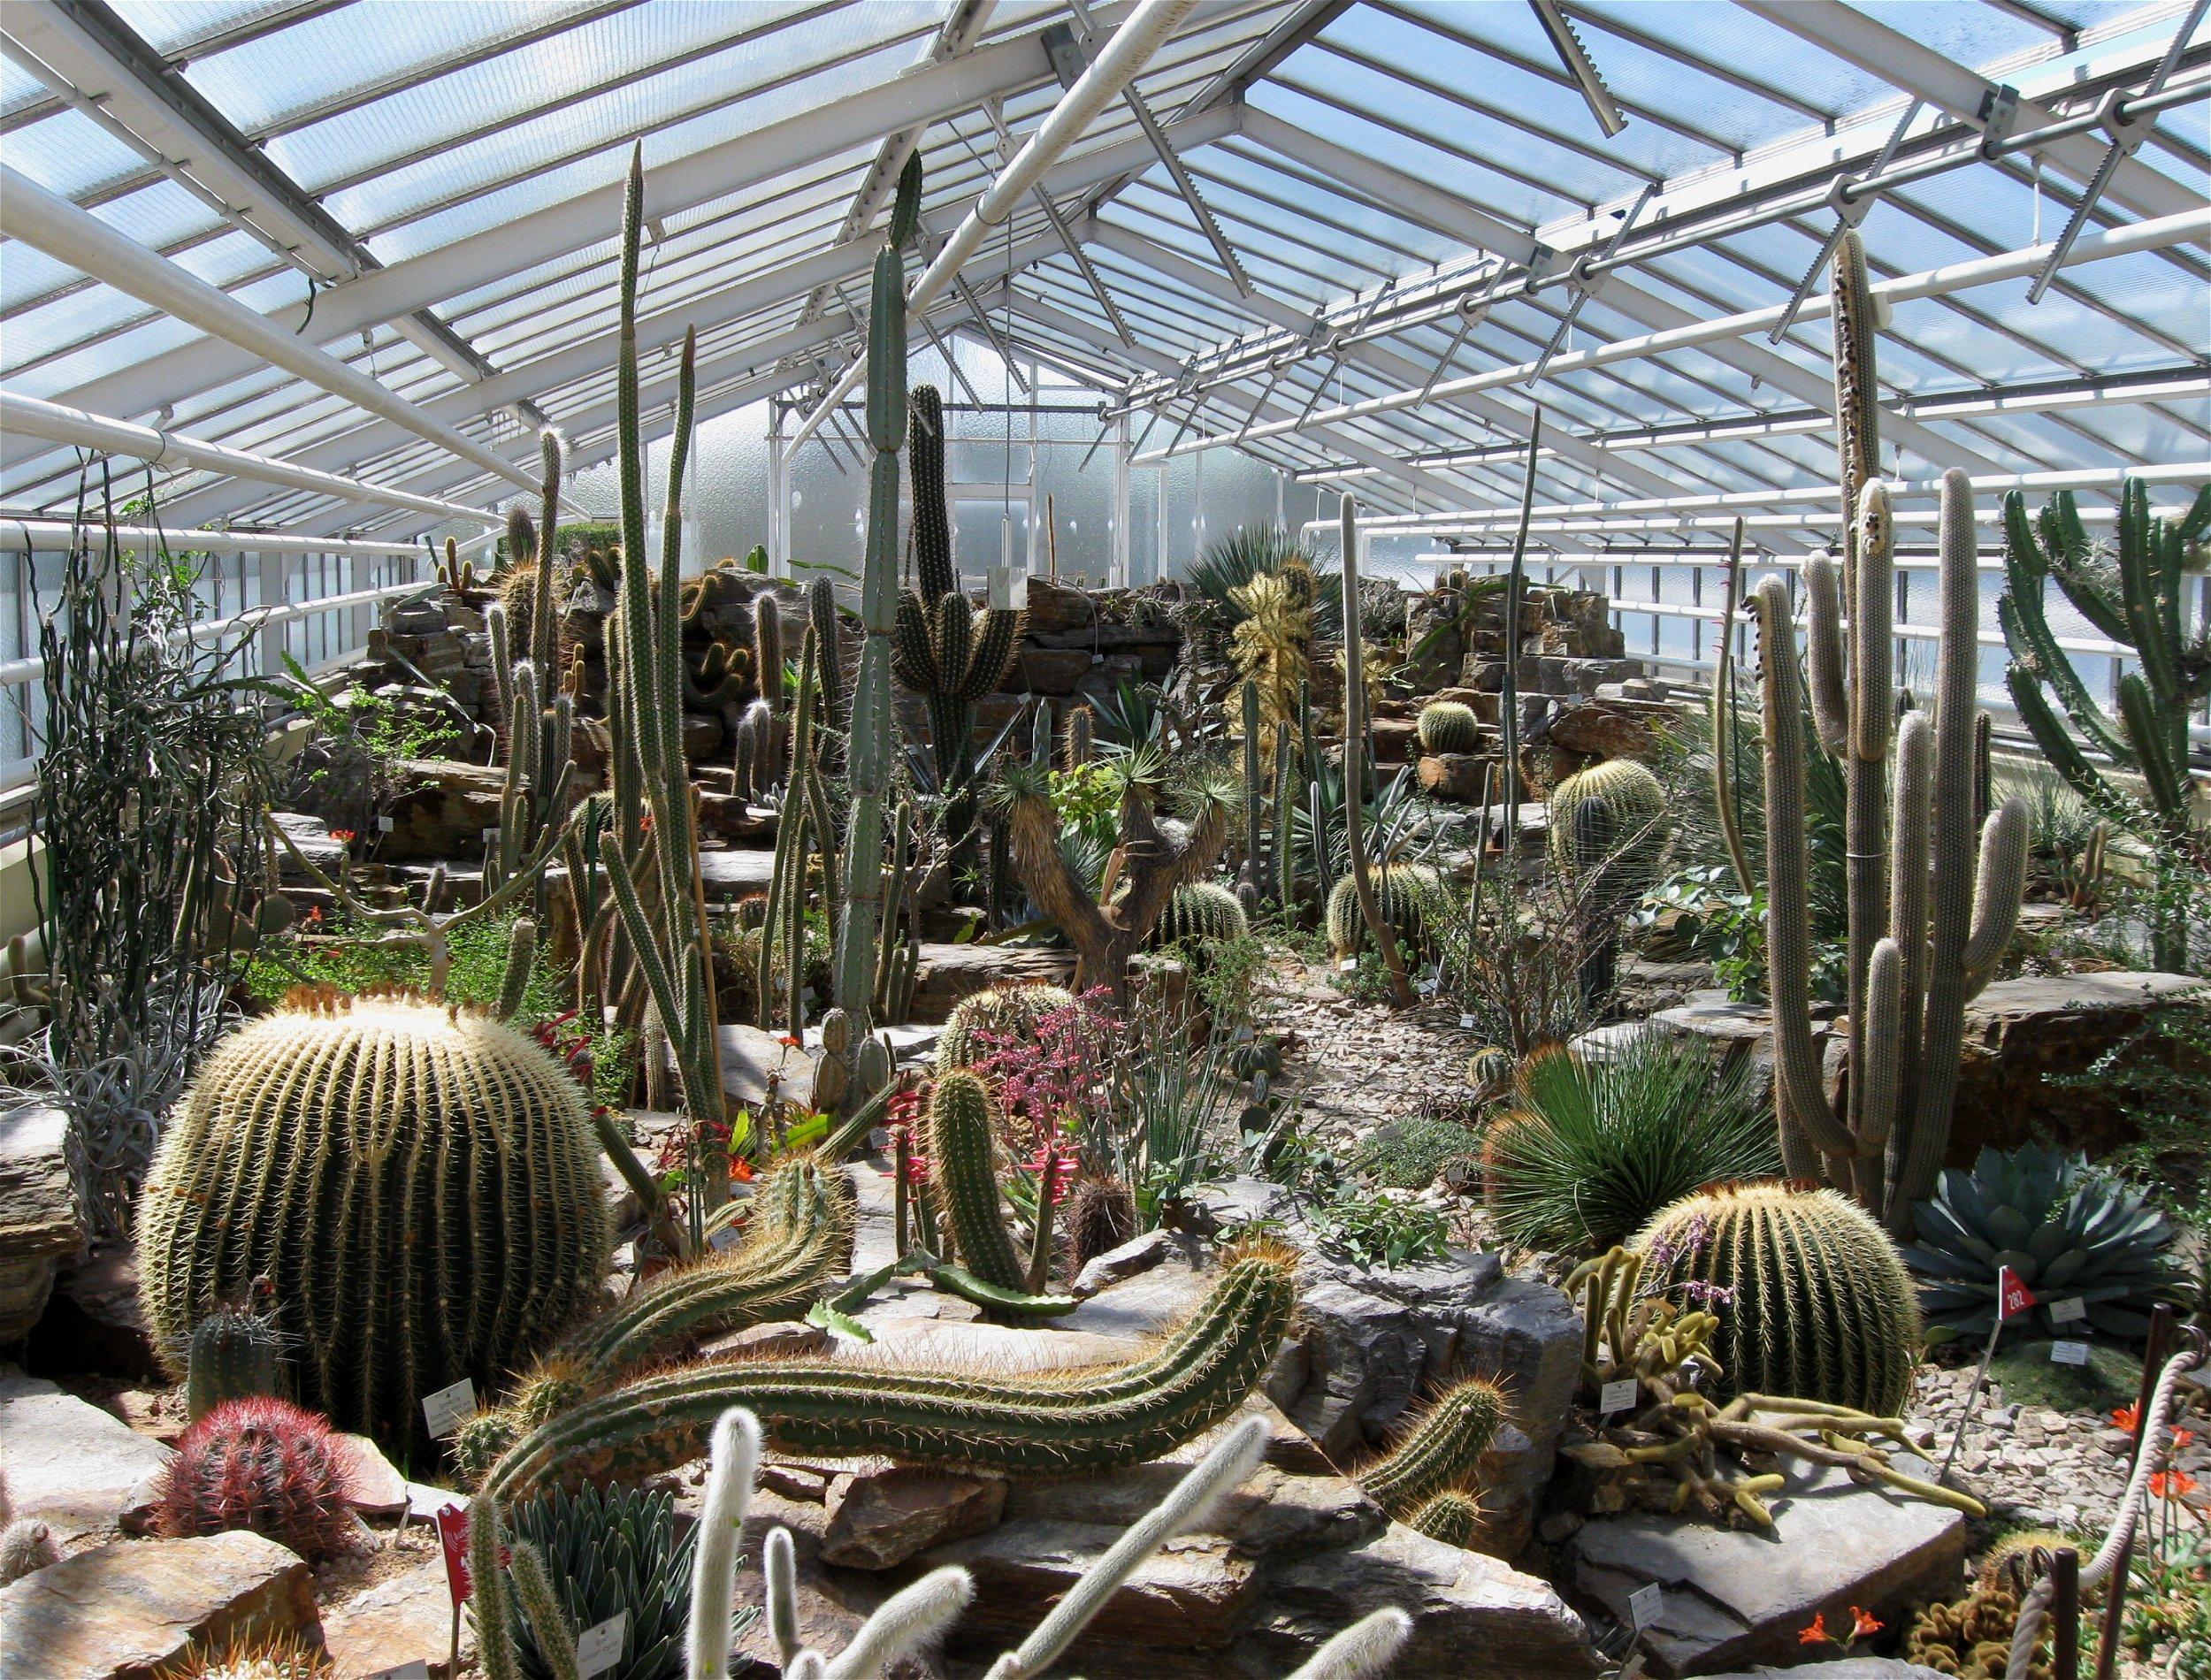 Botanischer Garten München | openbm.info